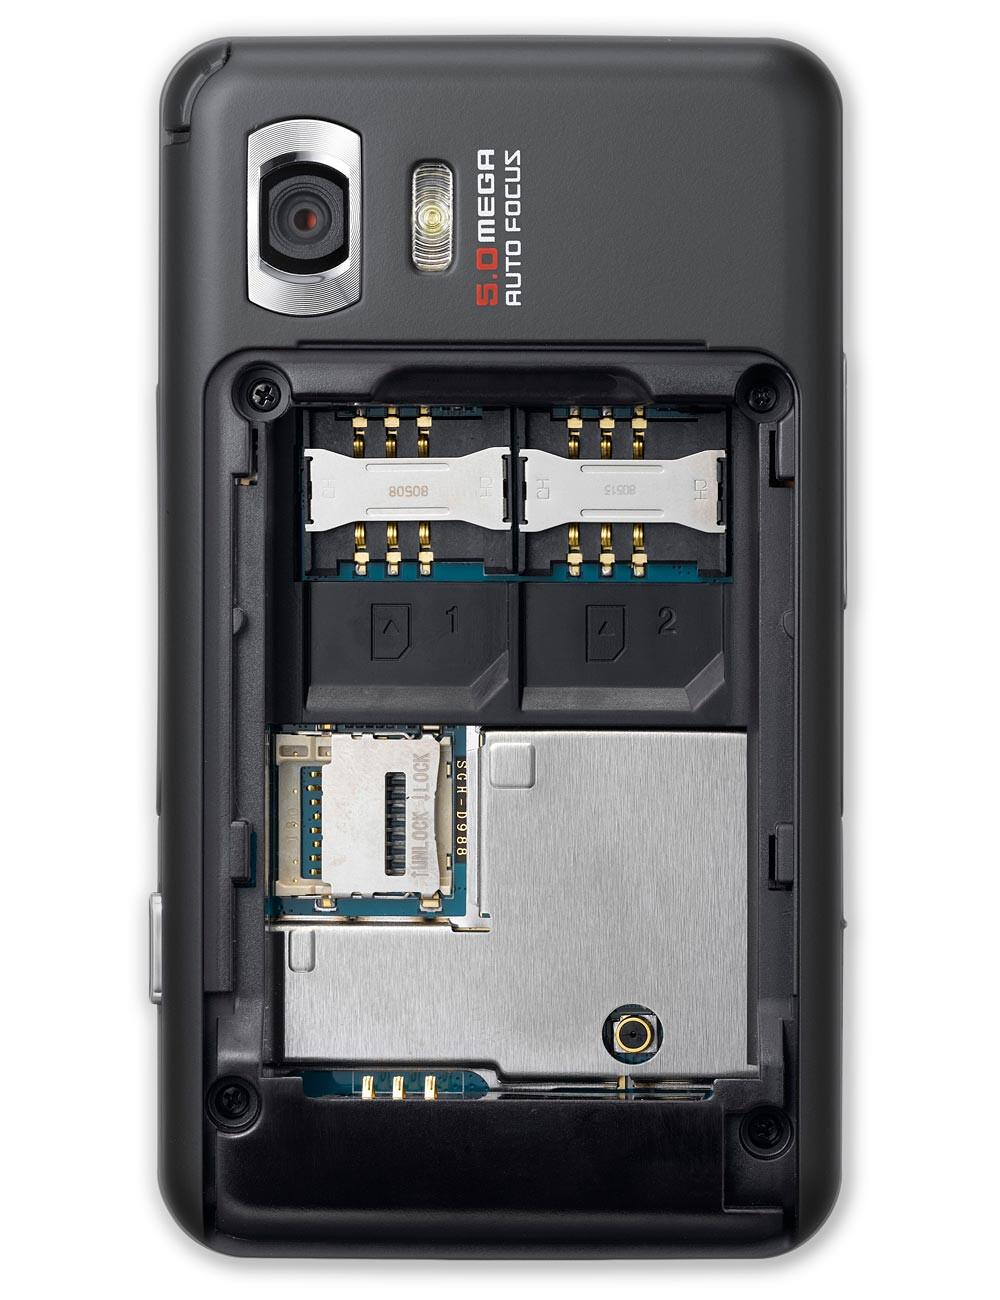 Samsung Sgh D980 Duos Драйвер